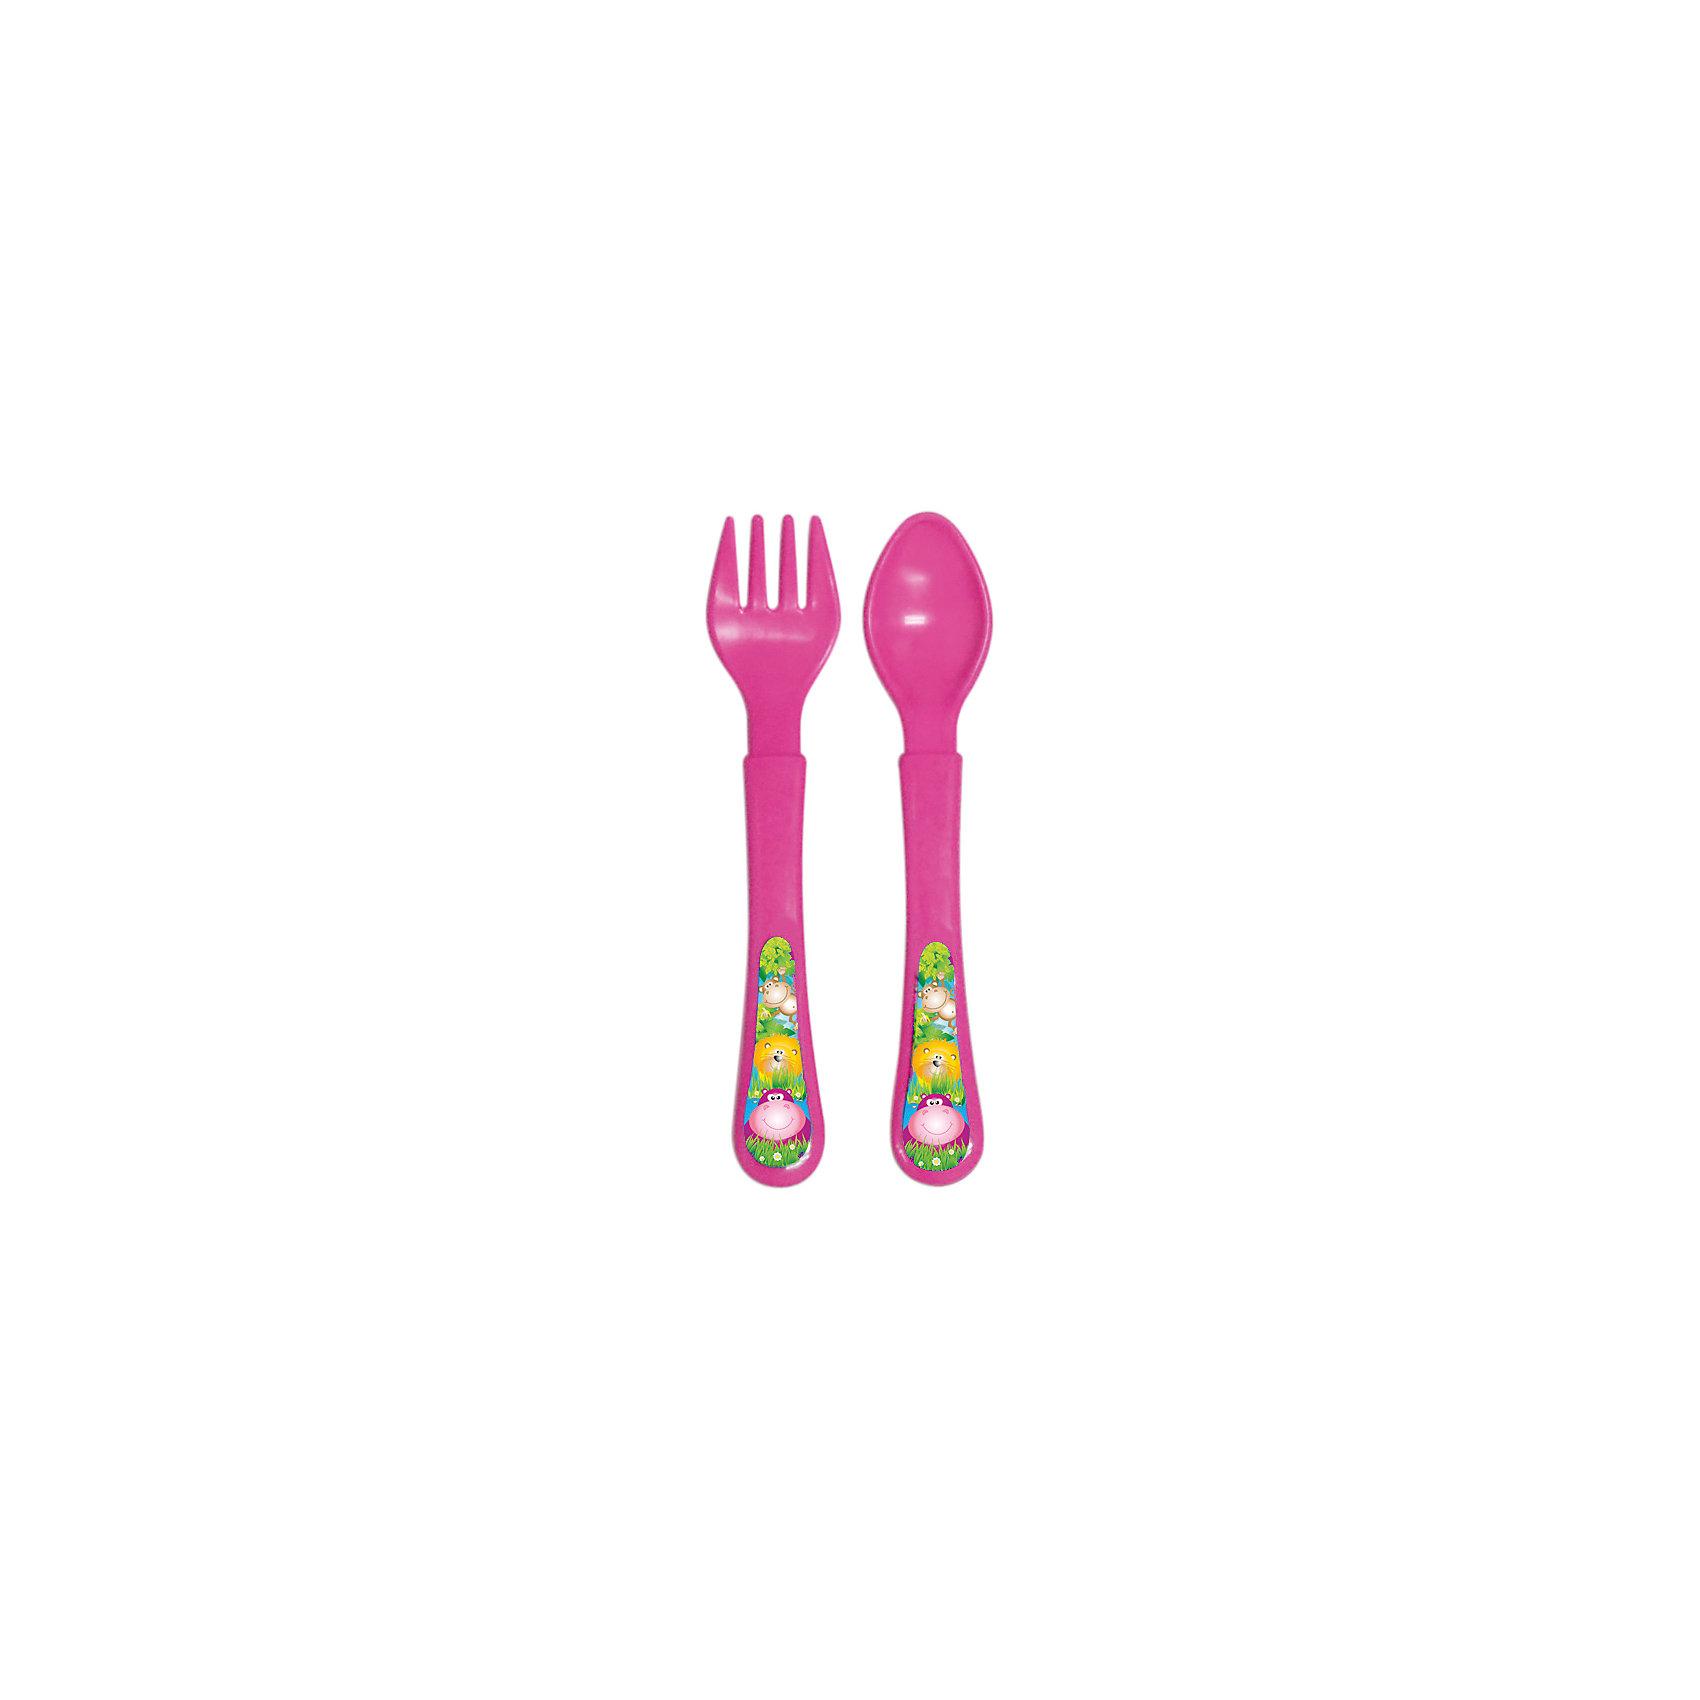 Набор: ложечка и вилочка, серия «Сафари», Kurnosiki, розовыйХарактеристики:<br><br>• Наименование: столовые приборы<br>• Материал: пластик<br>• Пол: для девочки<br>• Цвет: розовый<br>• Тематика рисунка: животные сафари<br>• Комплектация: ложка, вилка<br>• У вилки закругленные зубцы<br>• Удобные ручки<br>• Отсутствие острых краев<br>• Вес: 40 г<br>• Параметры (Д*Ш*В): 20*3*10 см <br>• Особенности ухода: разрешается мыть в посудомоечной машине<br><br>Набор: ложечка и вилочка, серия «Сафари», Kurnosiki, зеленый состоит из двух столовых приборов, выполненных из безопасного и ударопрочного пластика, что обеспечивает их гигиену. У вилки зубцы закругленные, ручки у изделий средней ширины, округлые, что делает из безопасными для маленьких детей. <br><br>Набор: ложечка и вилочка, серия «Сафари», Kurnosiki, зеленый выполнен в ярком дизайне: на ручках нанесены изображения животных сафари. Рисунок устойчивый, не стирается и не изменяет цвет даже при частом использовании. Набор столовых приборов от Курносиков позволит научить вашего малыша правильно пользоваться вилкой и ложкой без особого труда!<br><br>Набор: ложечка и вилочка, серия «Сафари», Kurnosiki, зеленый можно купить в нашем интернет-магазине.<br><br>Ширина мм: 20<br>Глубина мм: 90<br>Высота мм: 200<br>Вес г: 41<br>Возраст от месяцев: 4<br>Возраст до месяцев: 36<br>Пол: Женский<br>Возраст: Детский<br>SKU: 5428708